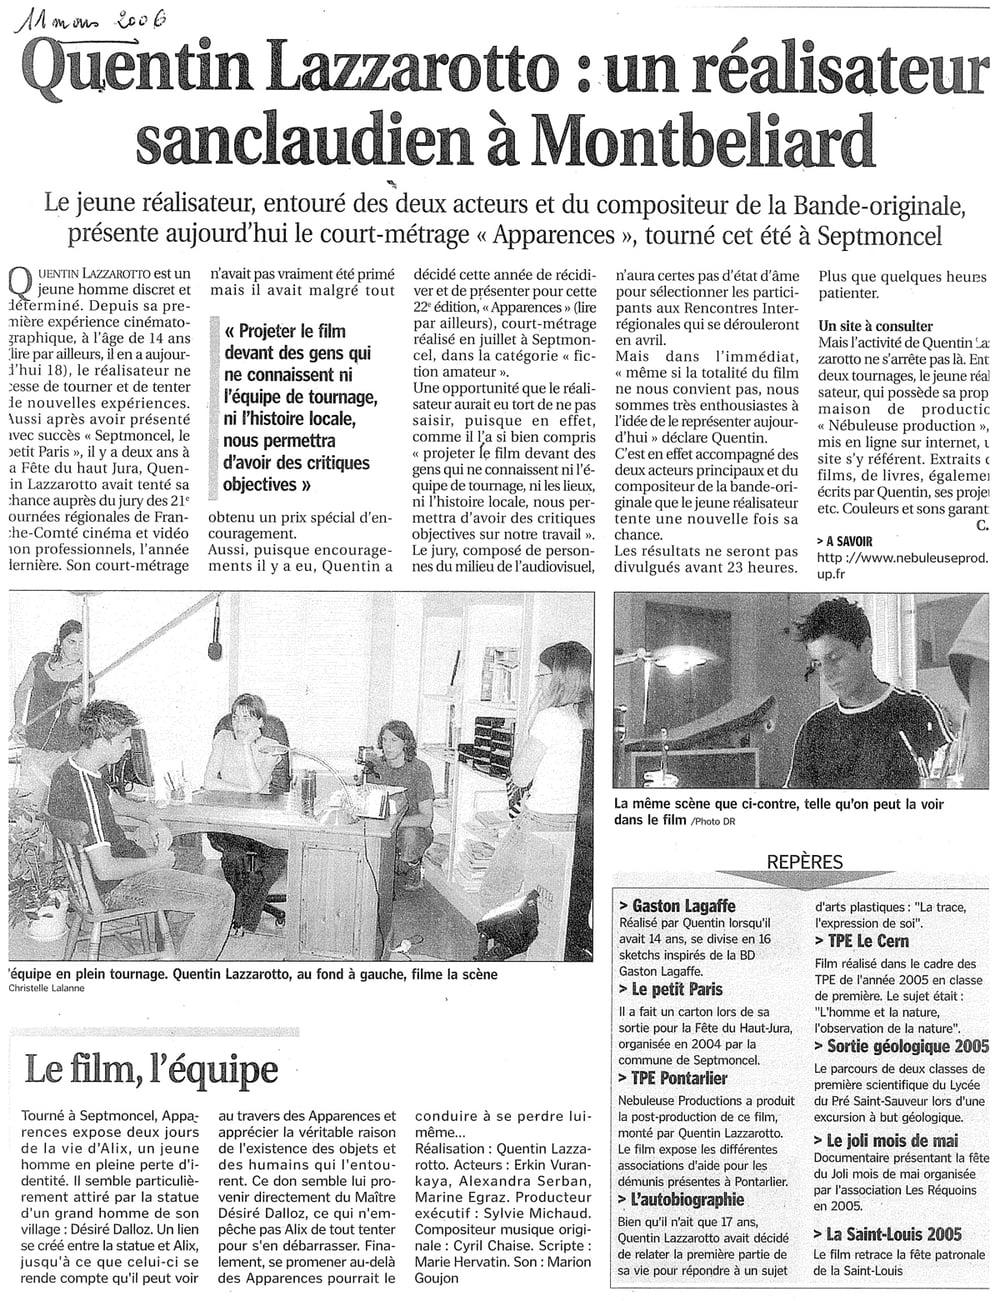 Quentin Lazzarotto : un réalisateur sanclaudien à Montbéliard